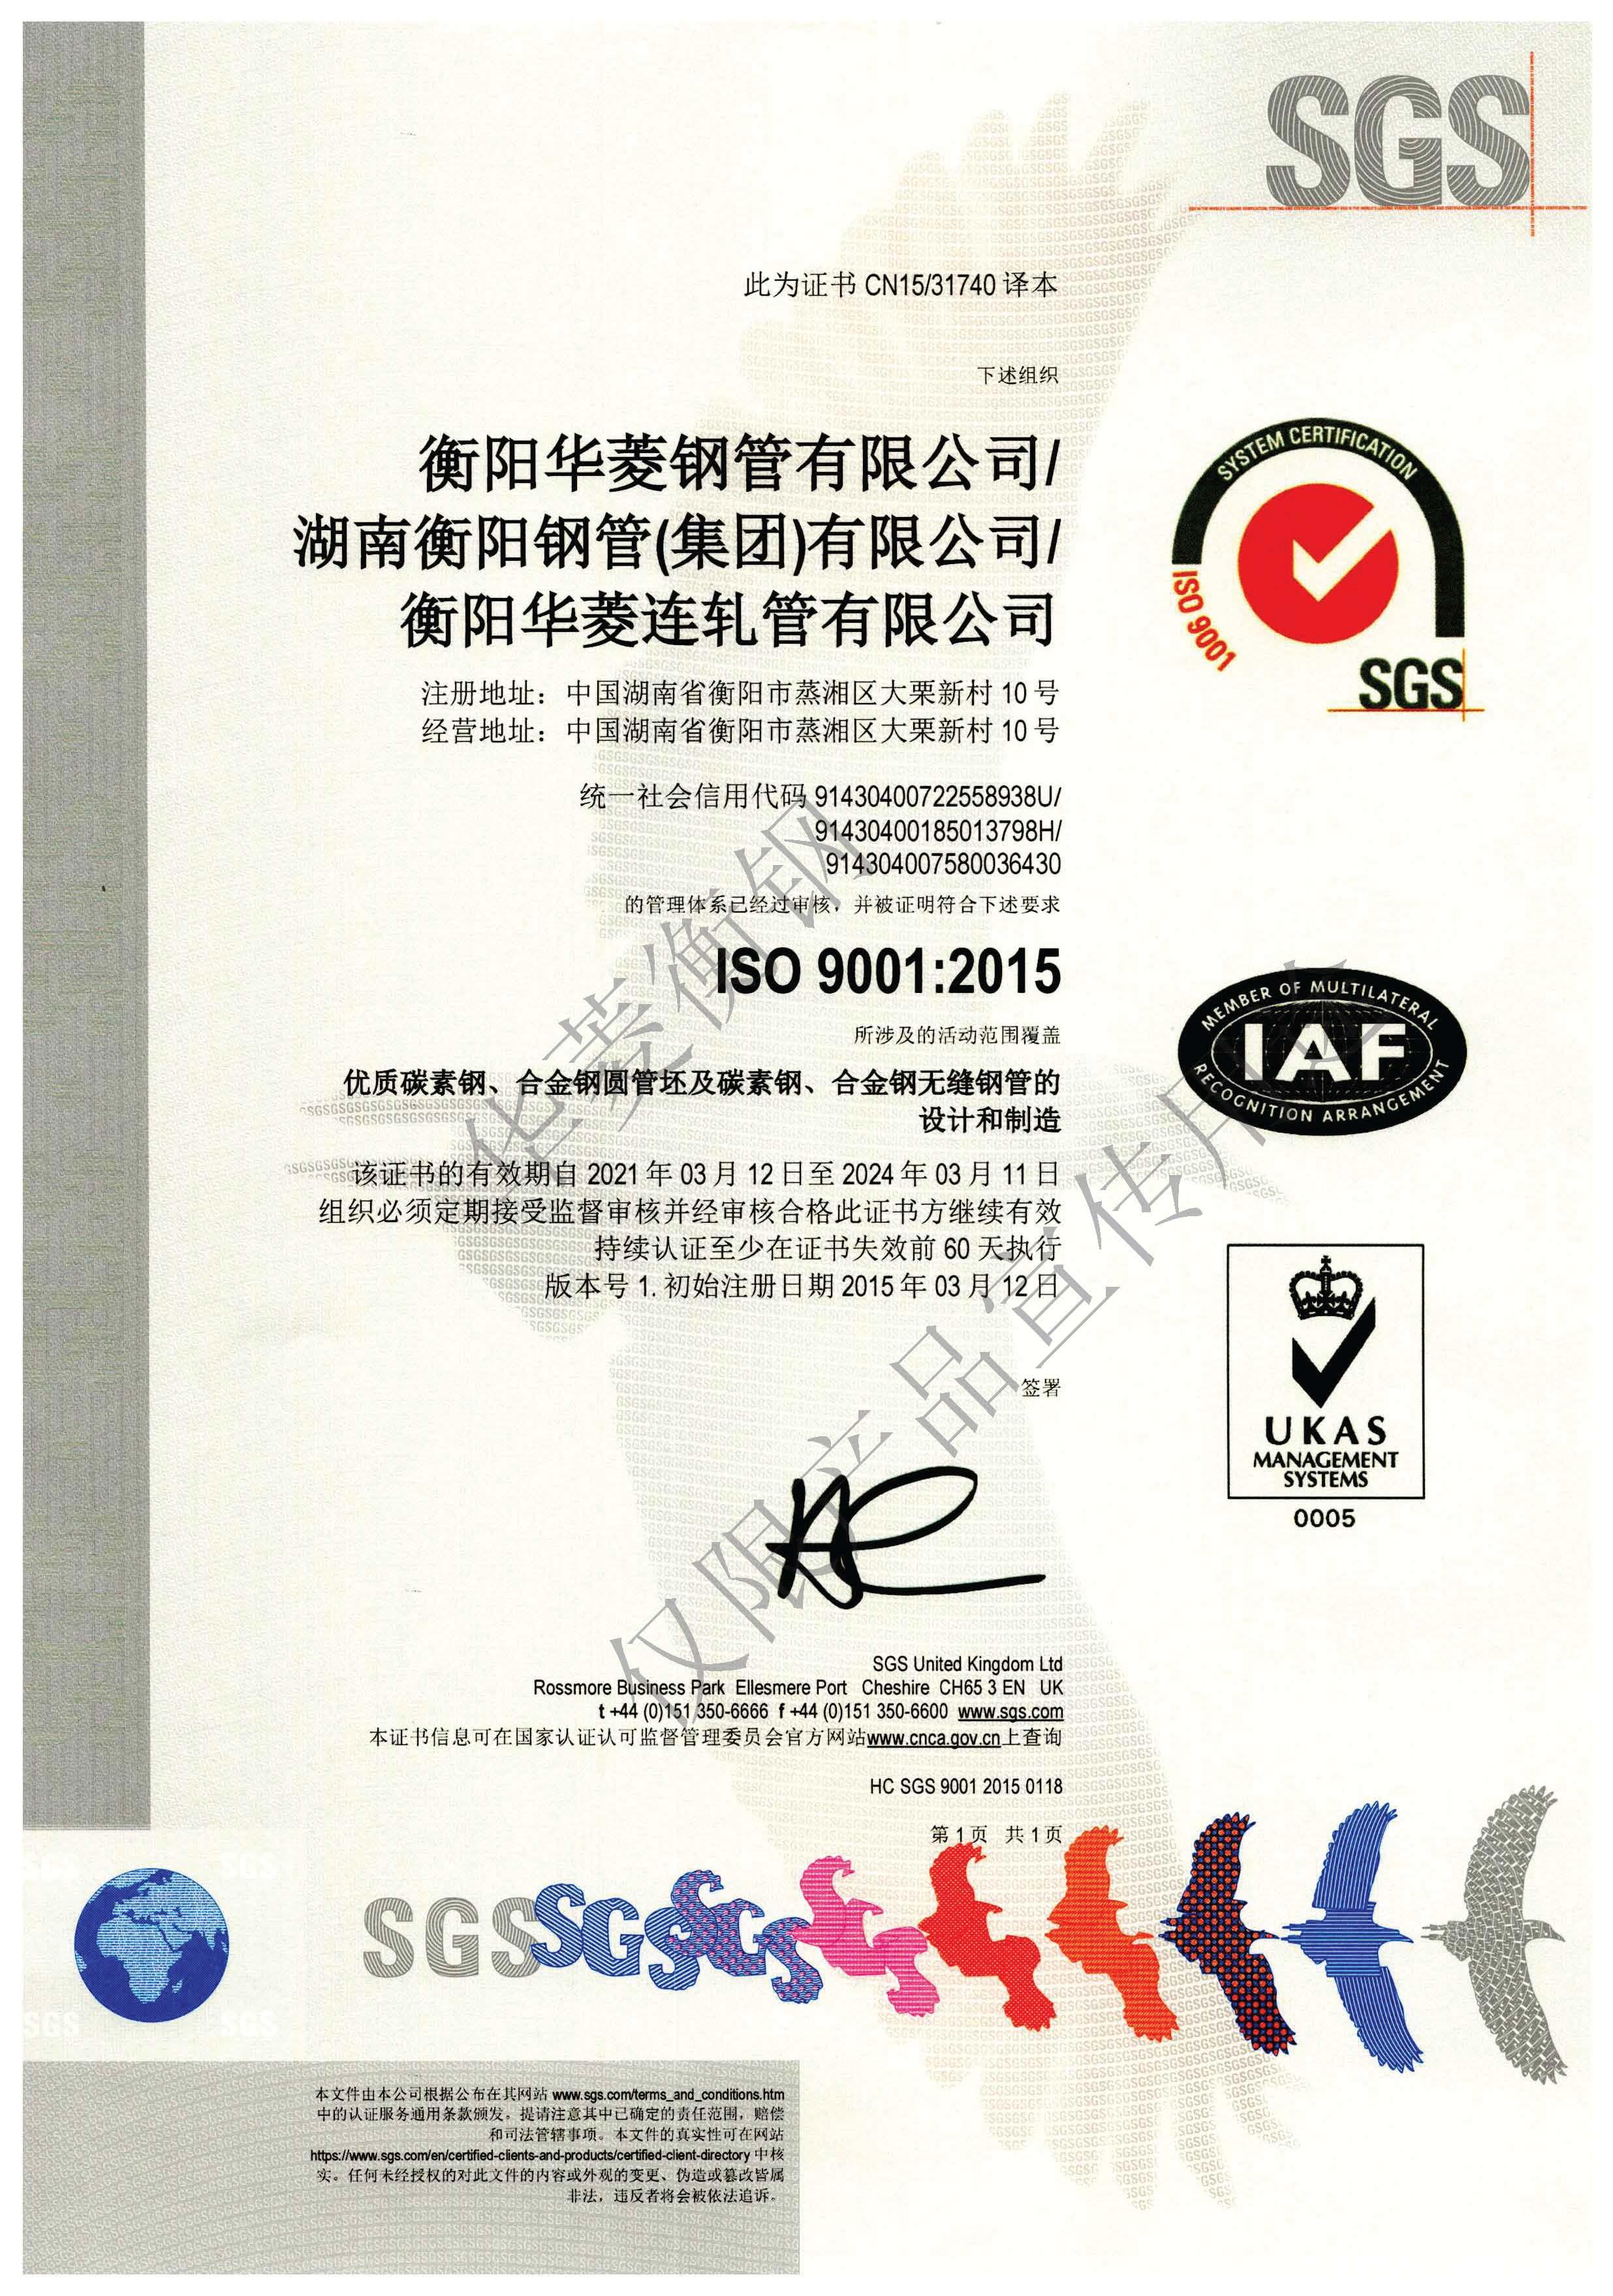 ISO9001(SGS) 中文.jpg